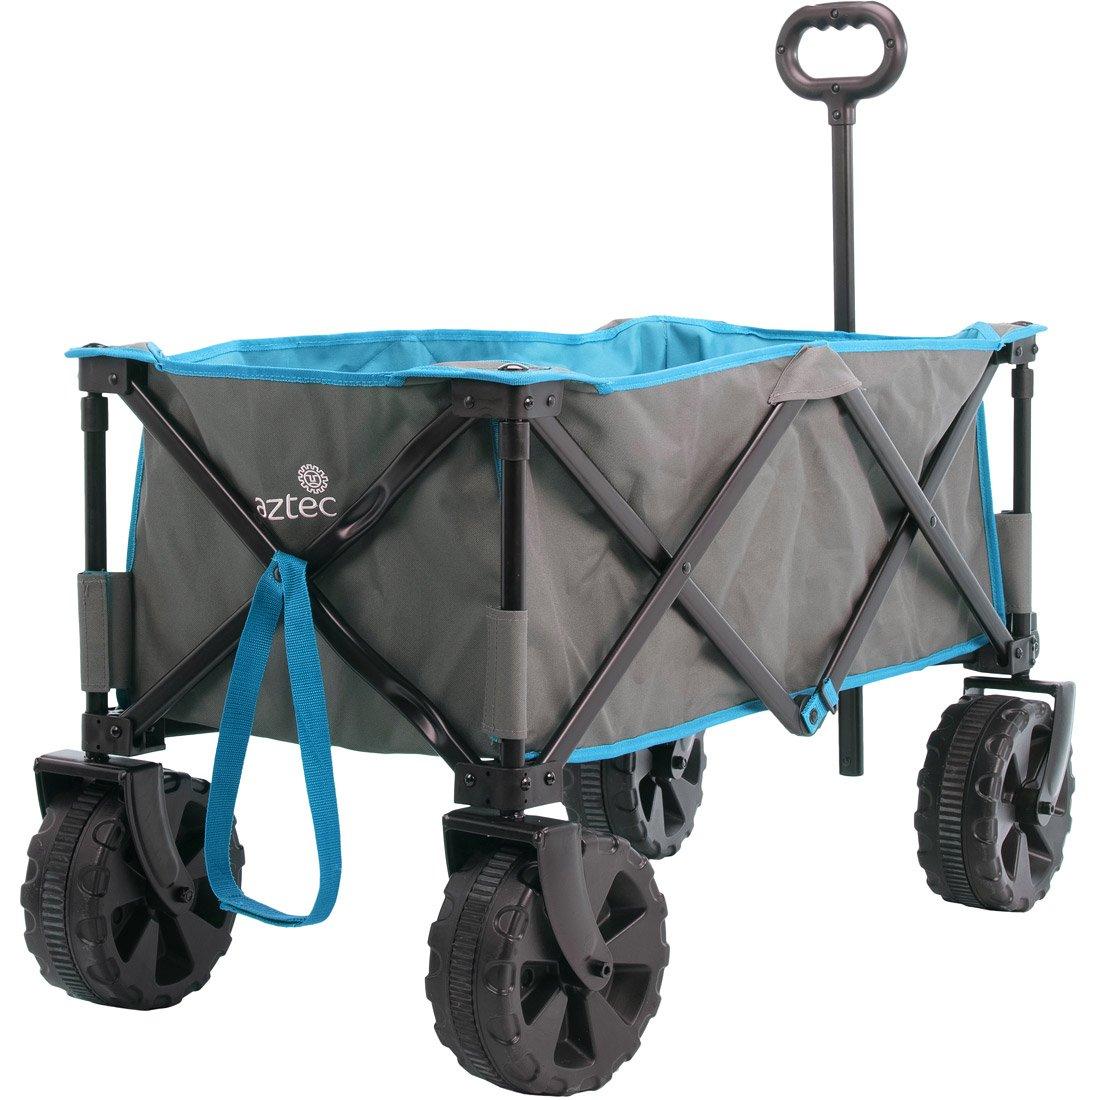 עגלת קמפינג - Beach Wagon - Aztec